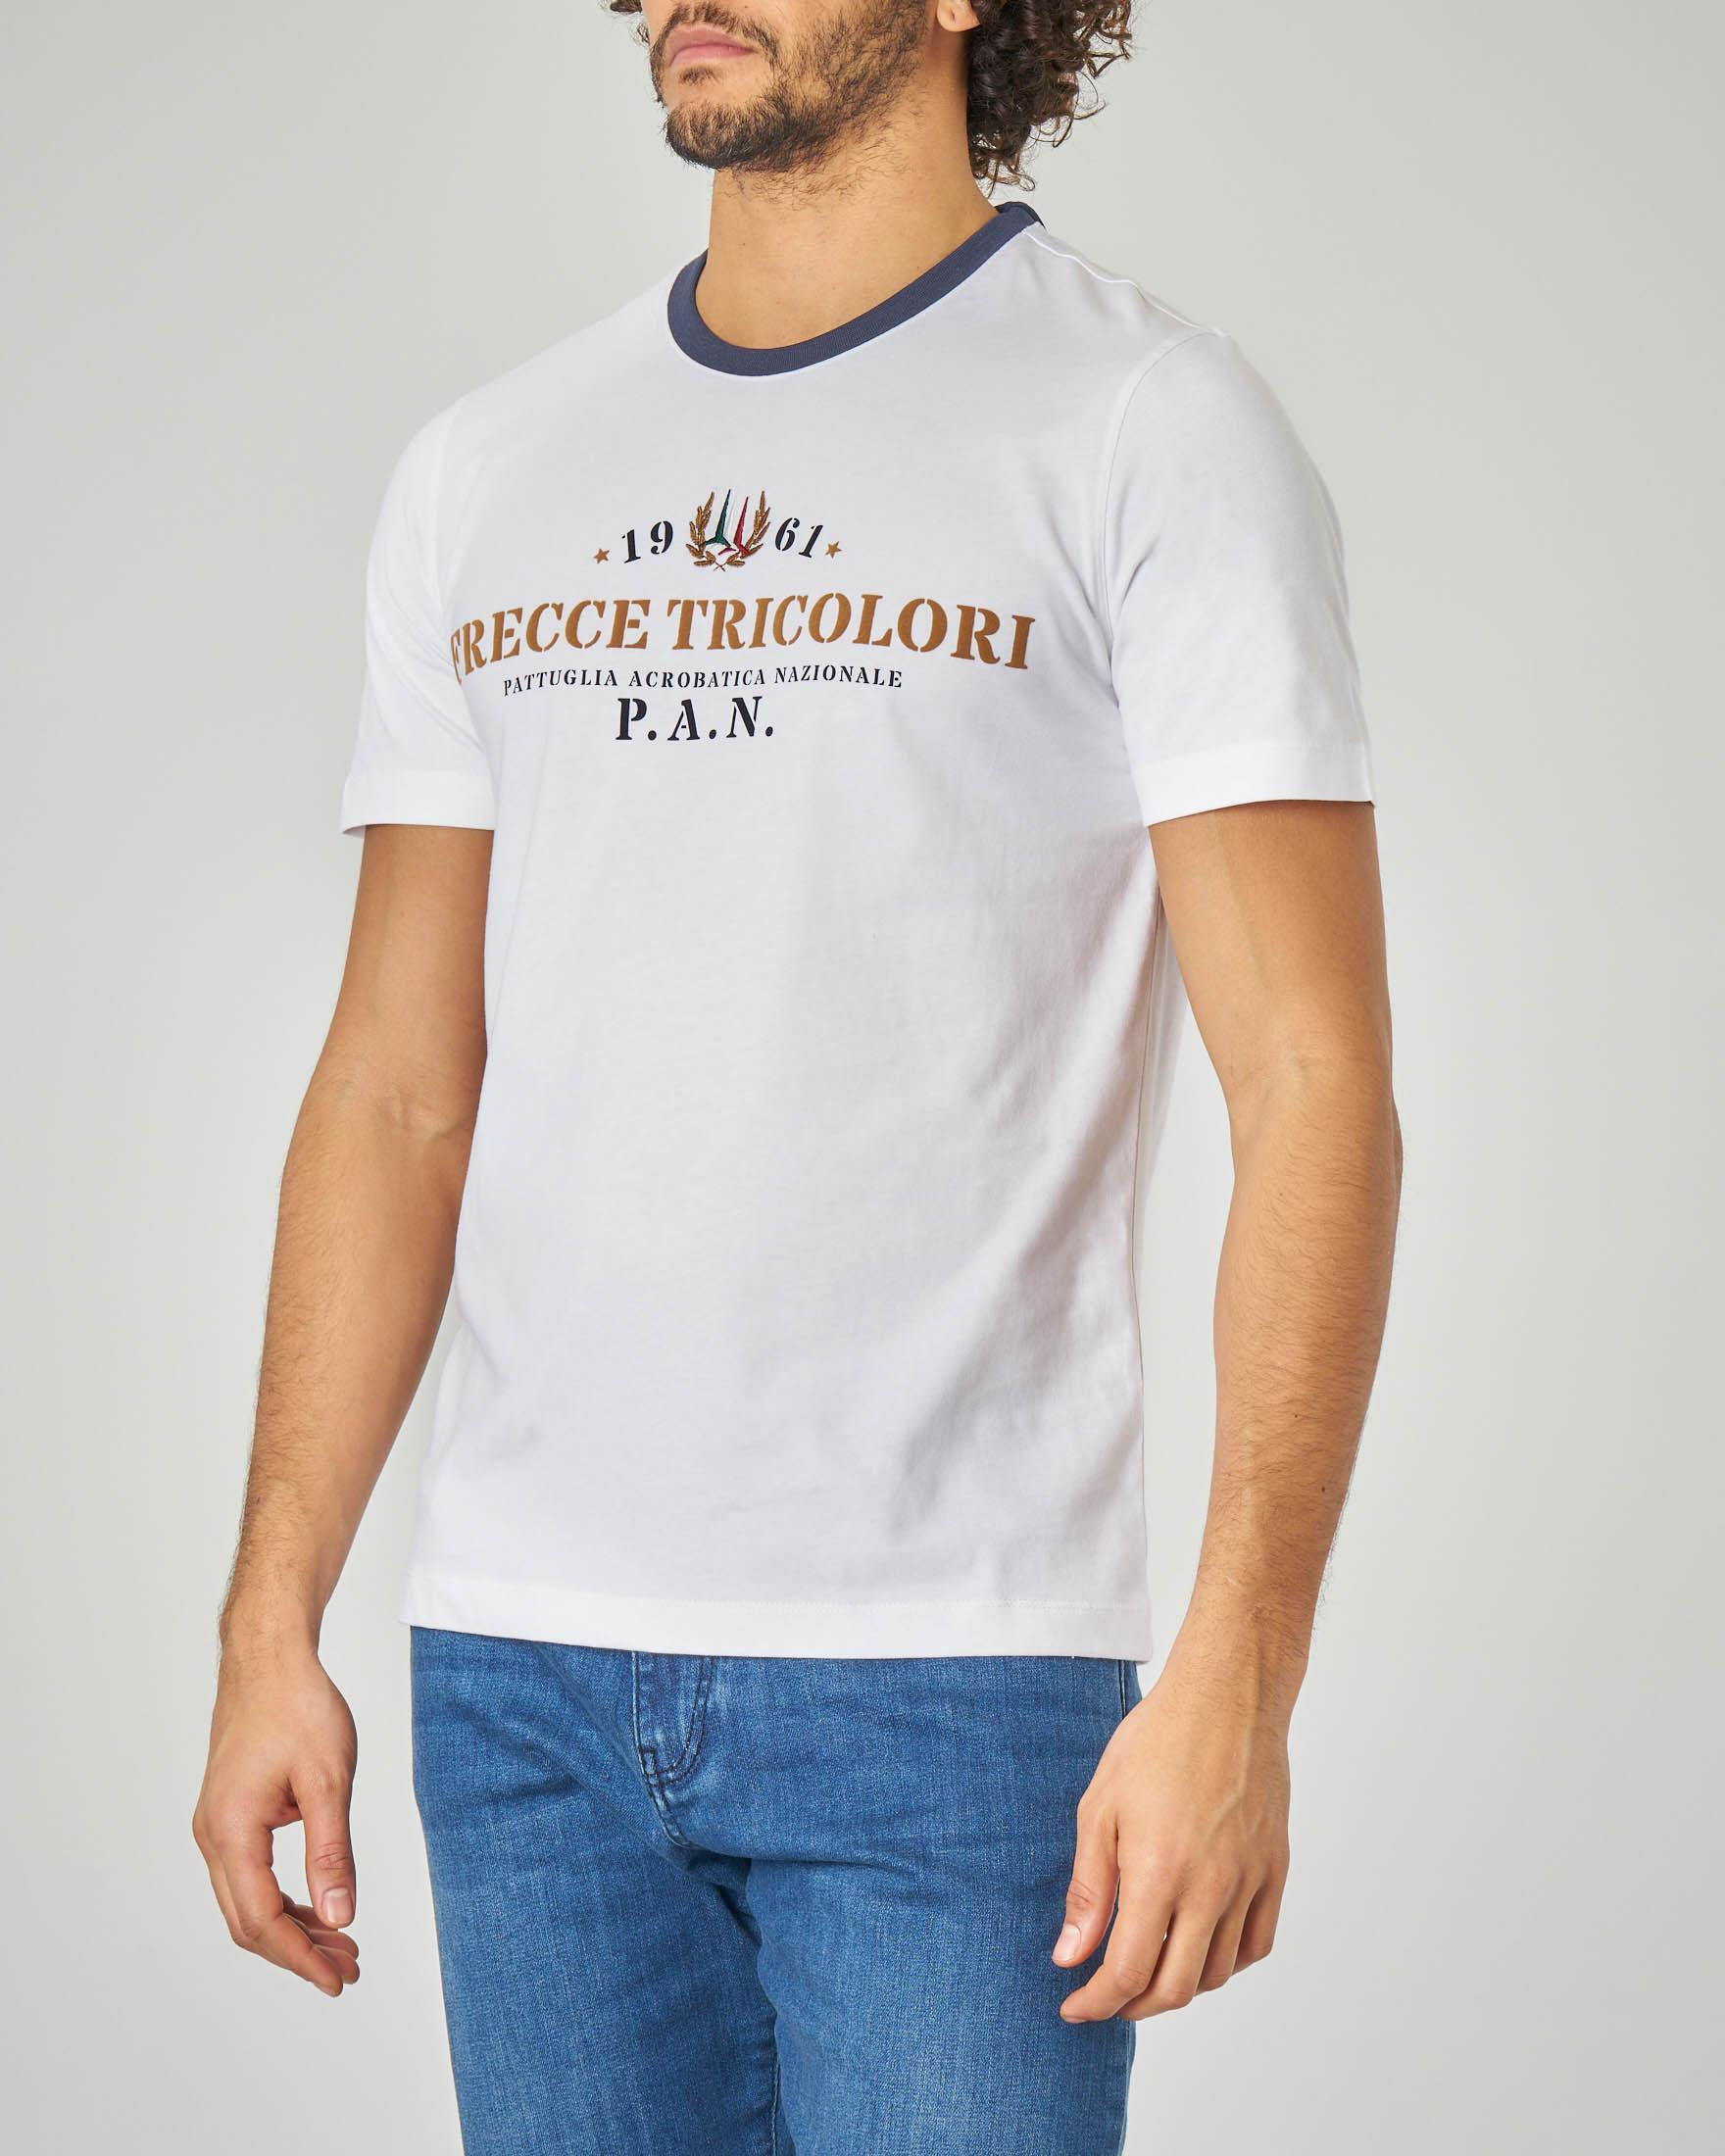 T-shirt bianca con collo in contrasto e logo Frecce Tricolore